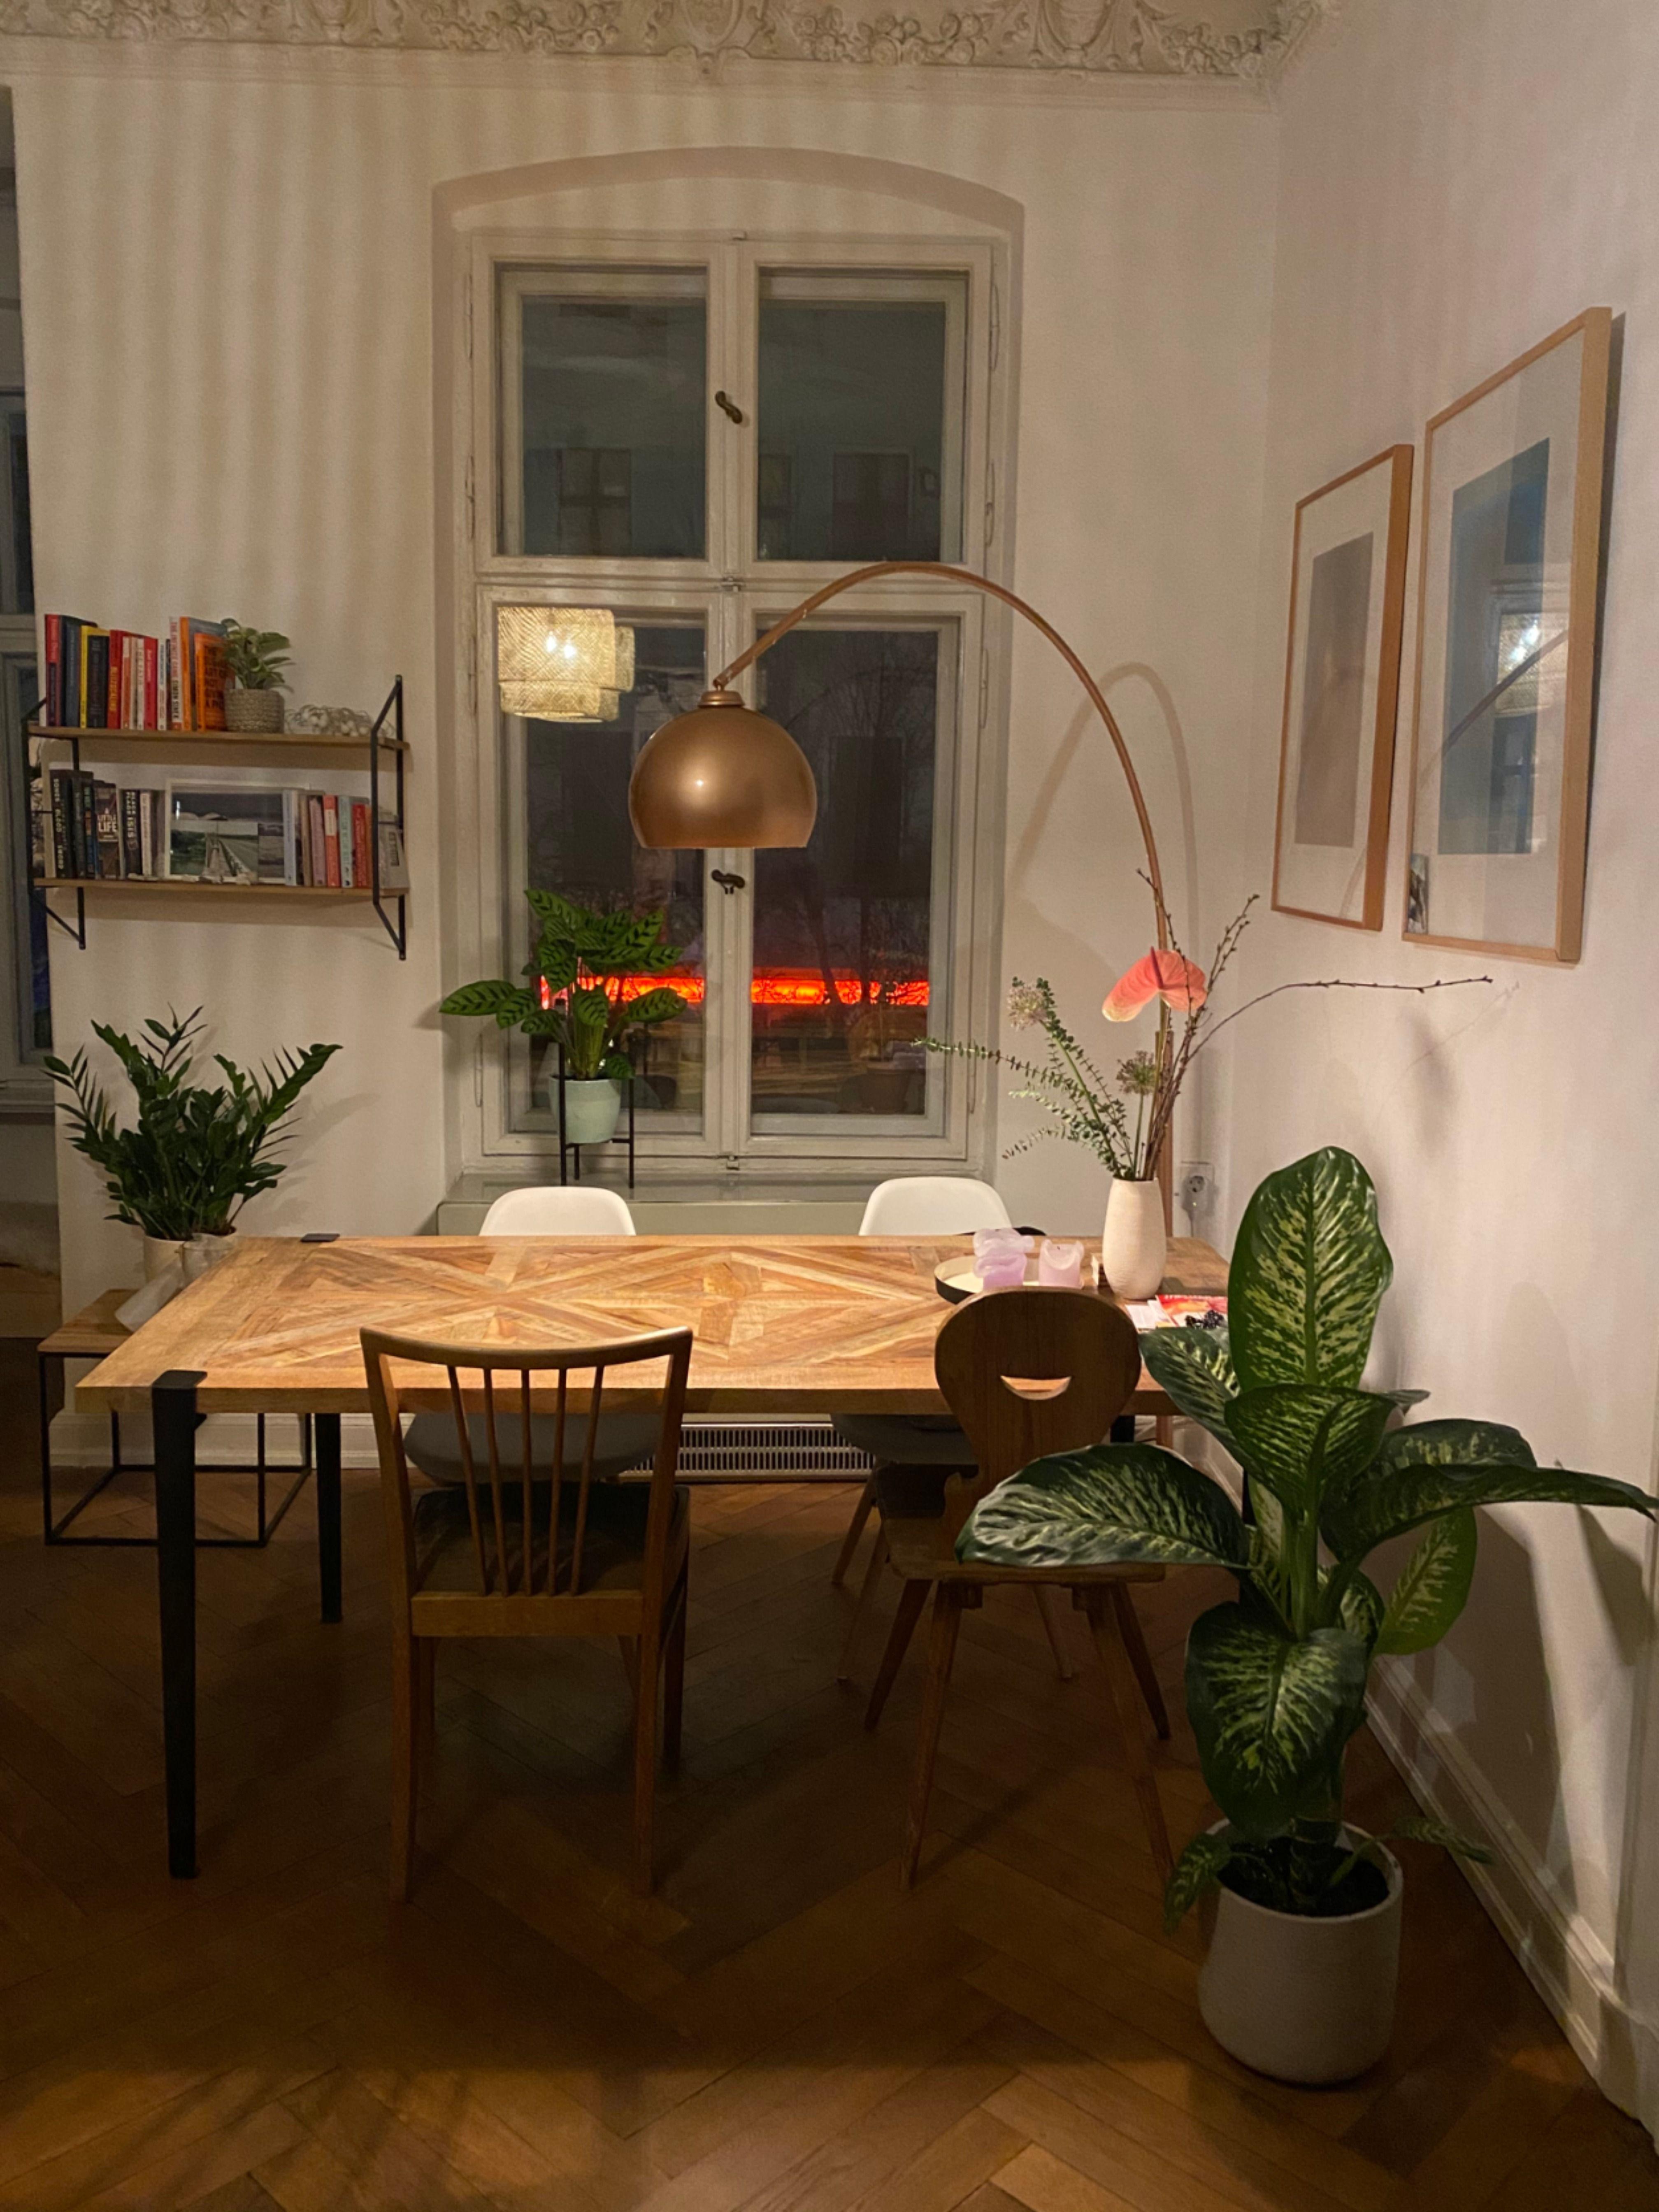 Pin Von Maite Auf Decoration In 2020 Zimmerdekoration Haus Deko Wohnung Balkon Dekoration